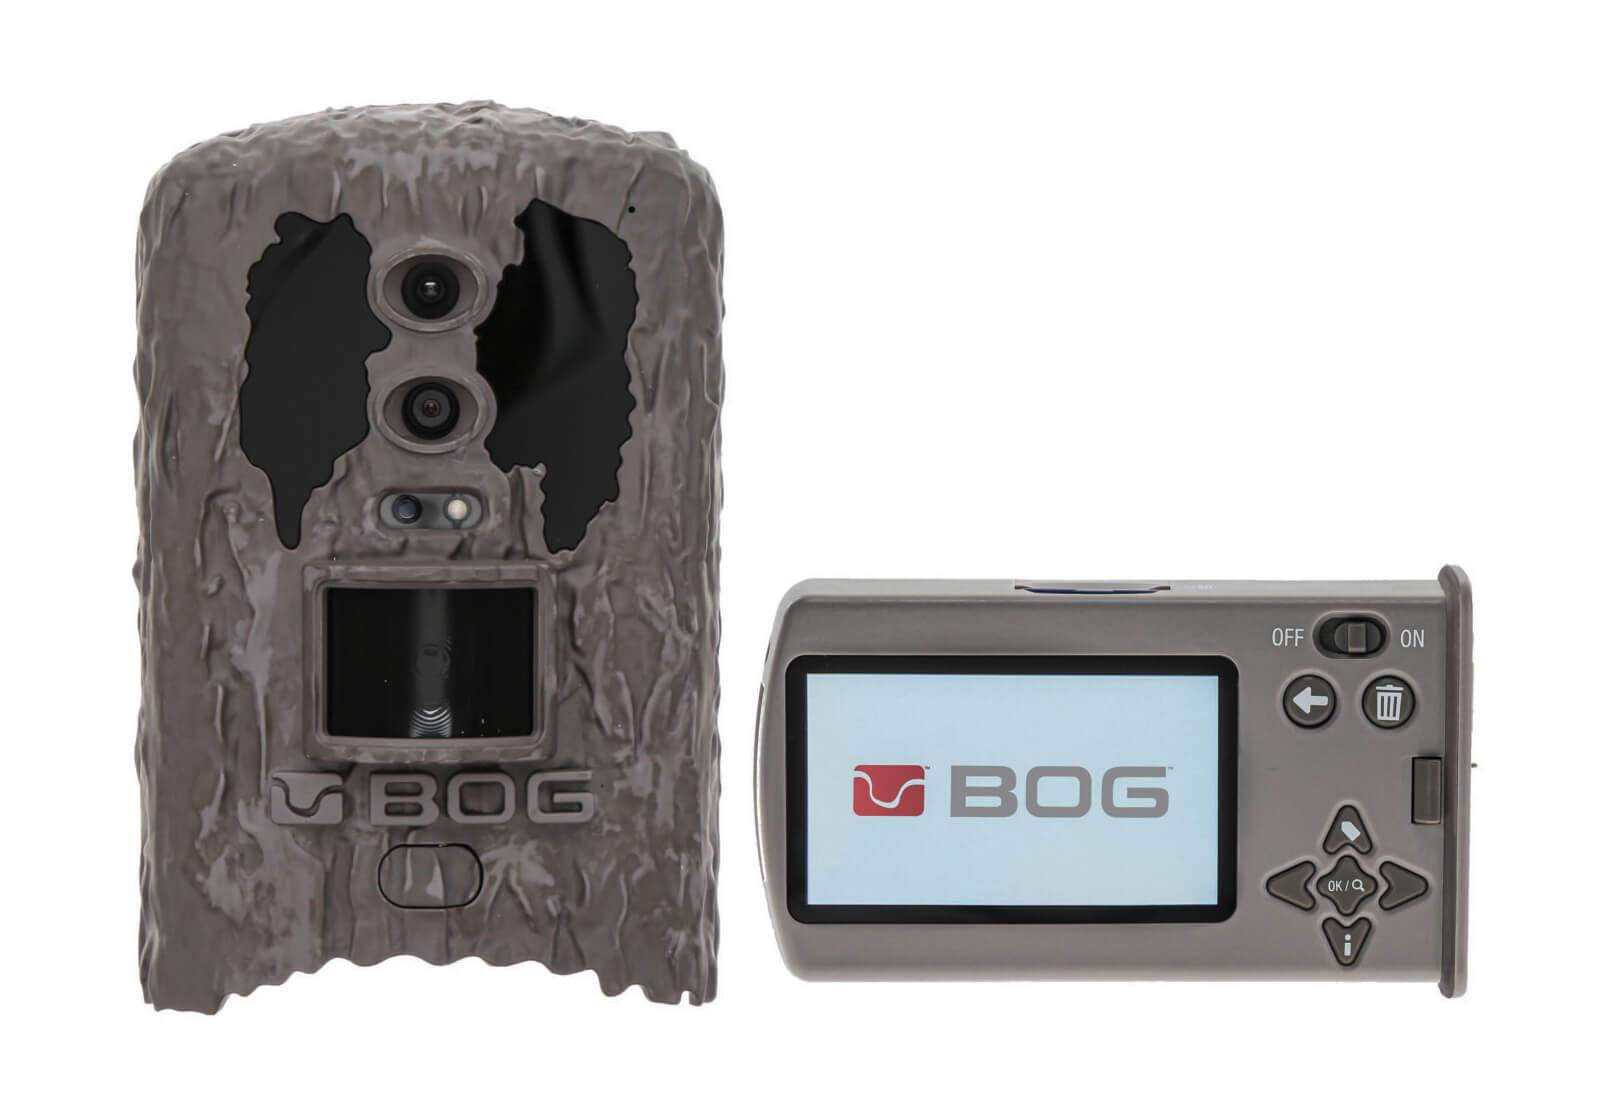 BOG game cameras